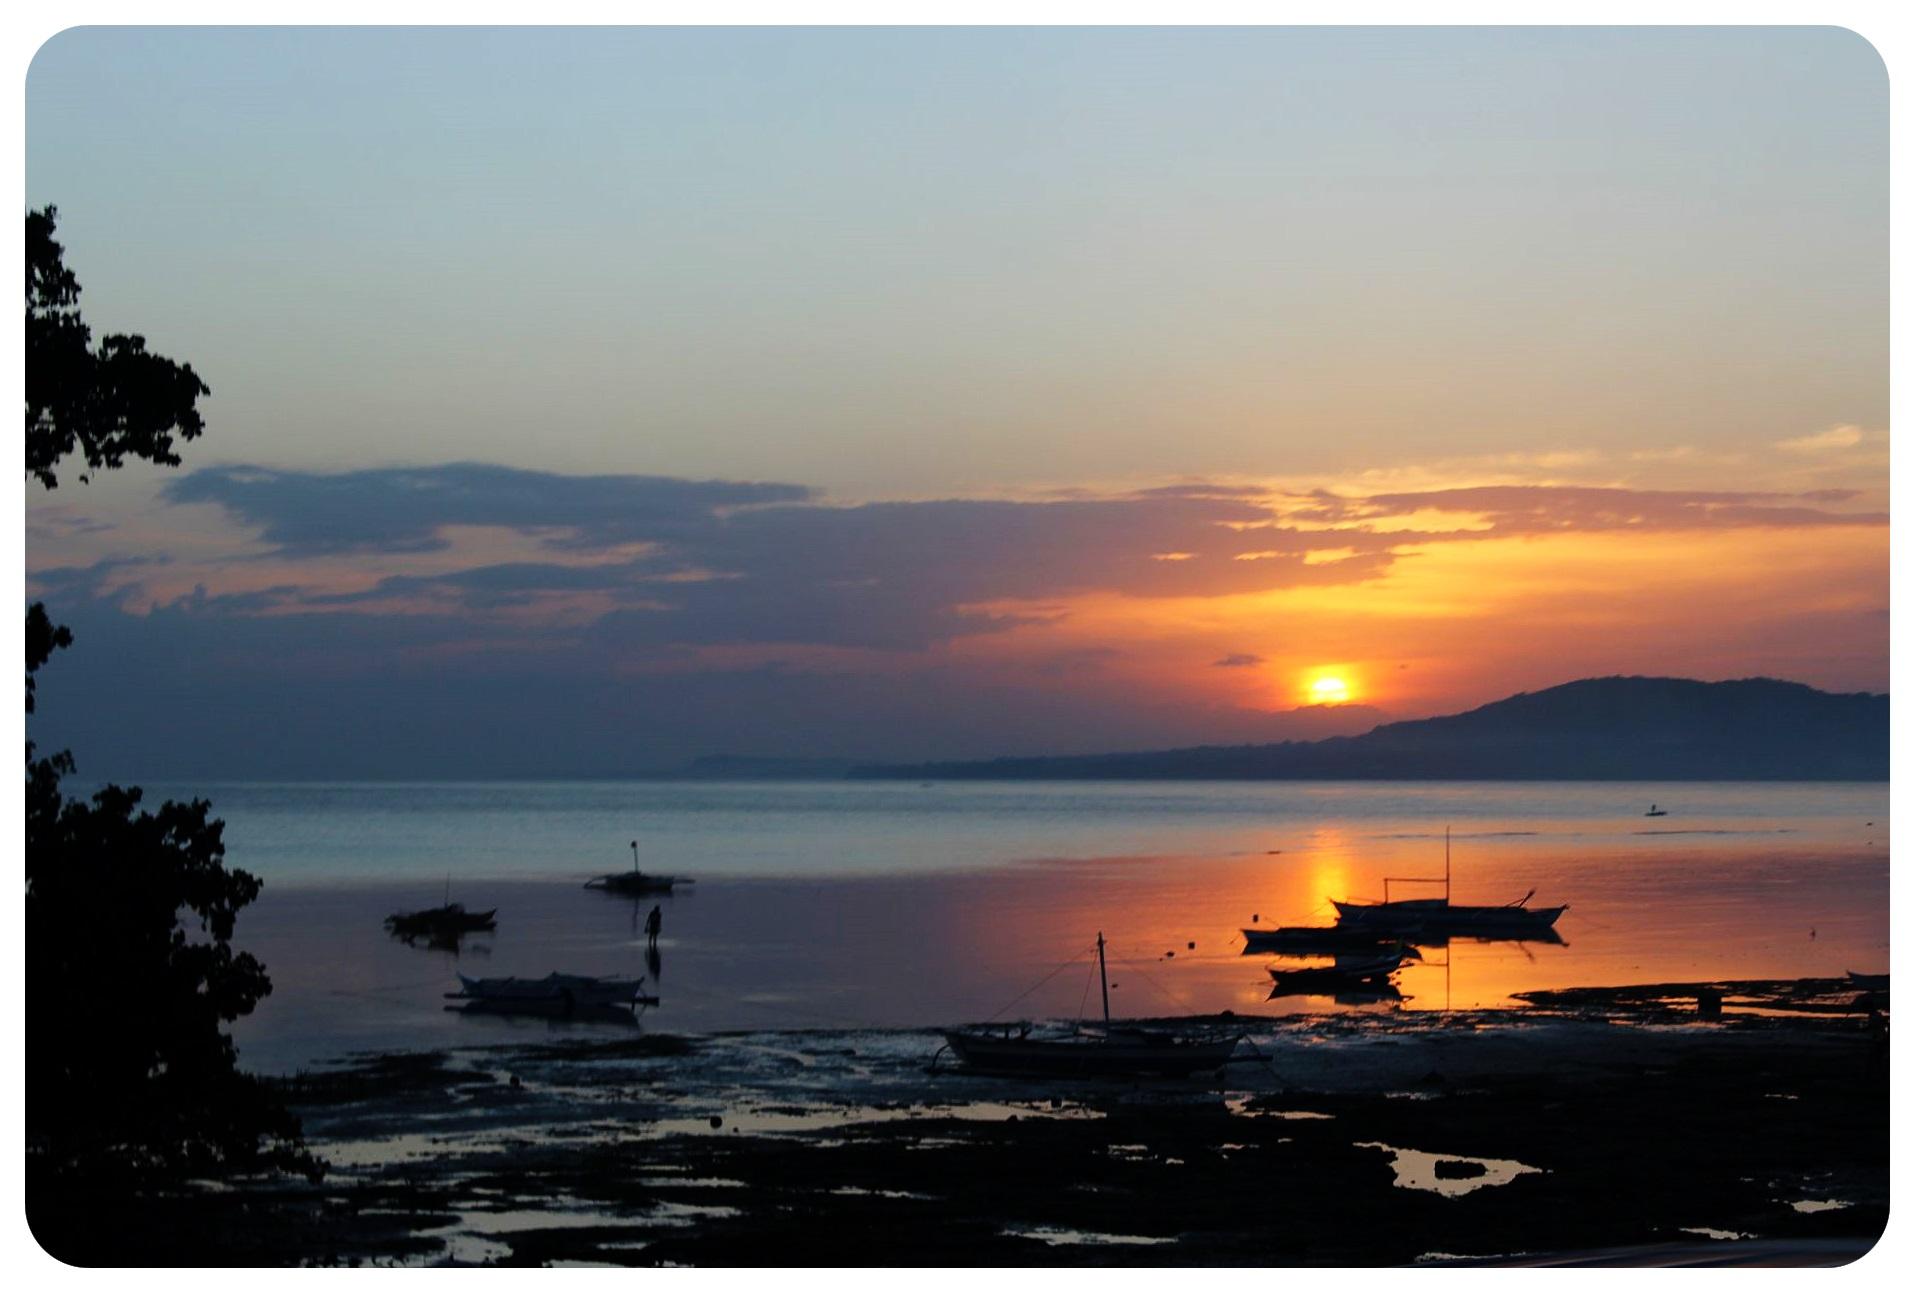 bohol sunset philippines